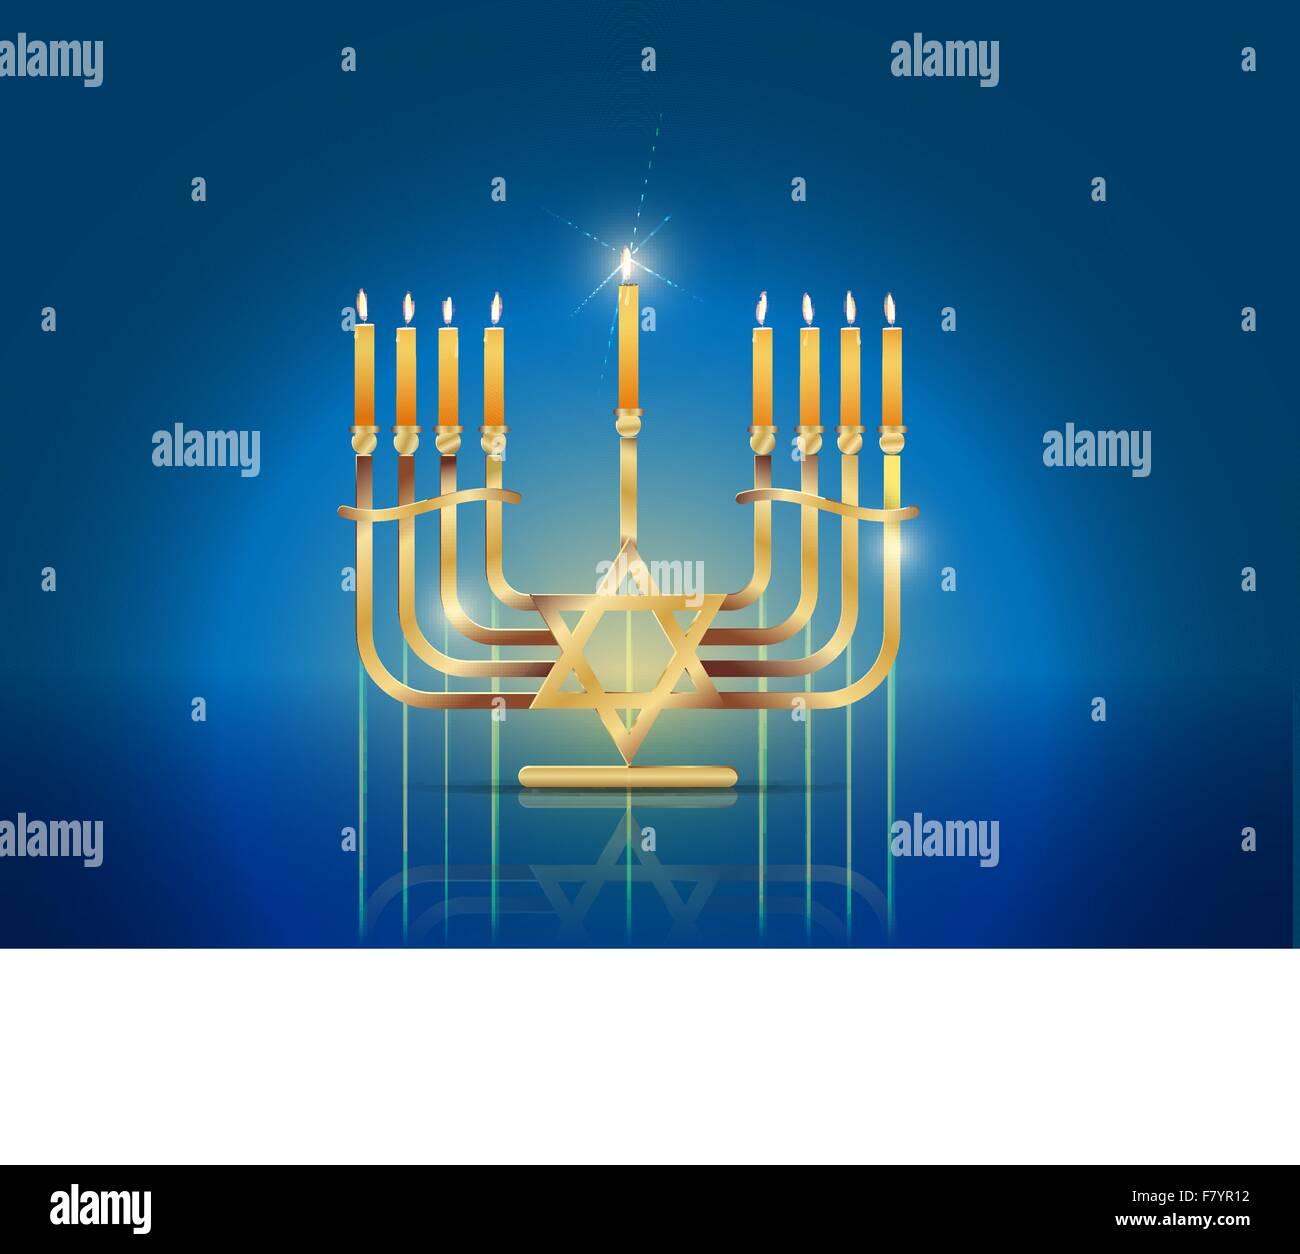 Hanukkah Lamp Stockfotos & Hanukkah Lamp Bilder - Alamy